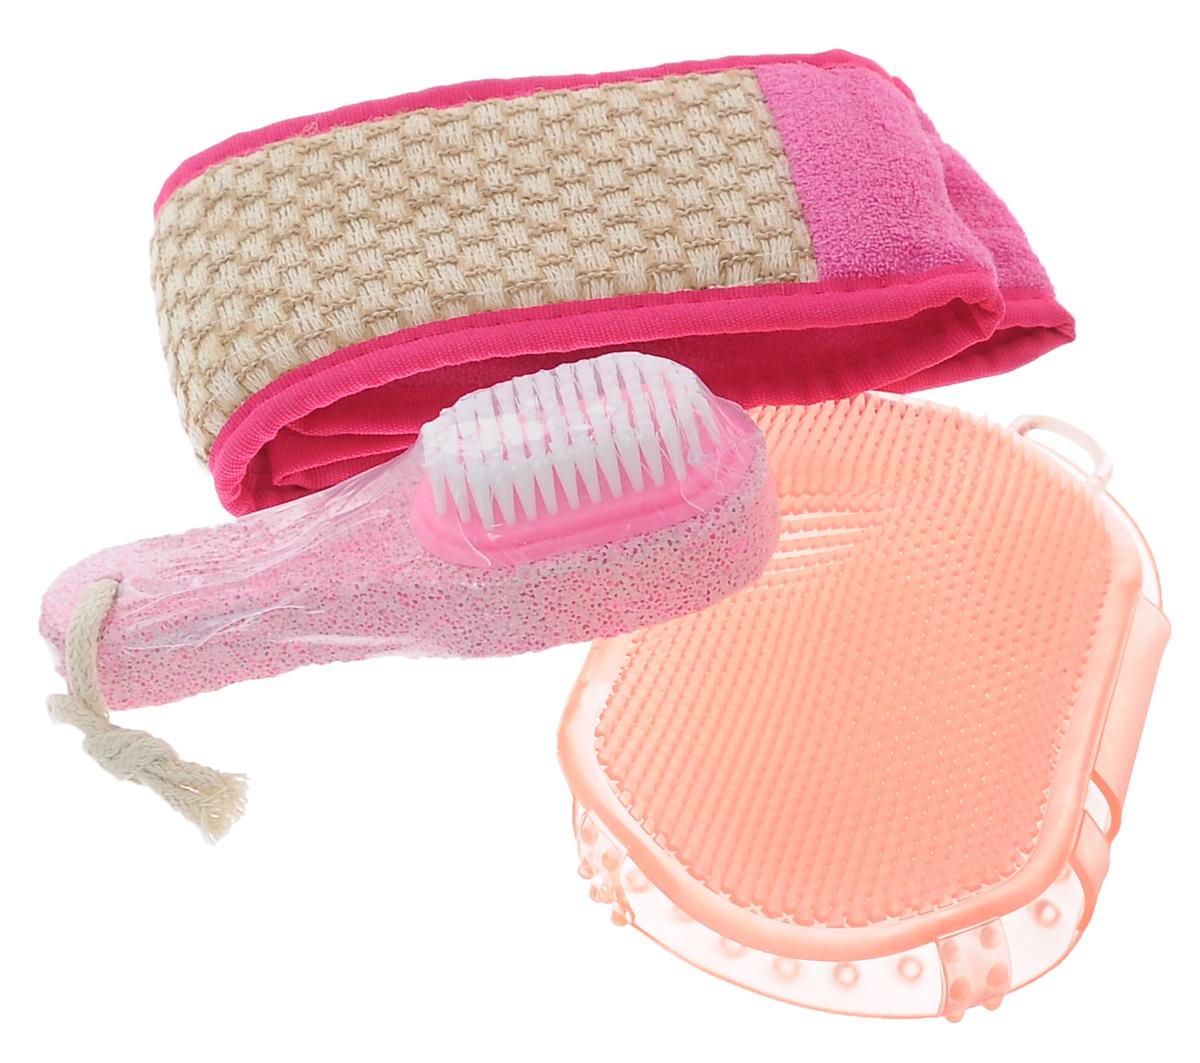 Набор для бани Eva К празднику, 3 предметаБ33063Набор для бани Eva К празднику включает в себя мочалку, массажер и пемзу. Мочалка выполнена хлопка, рами и ППУ, массажер - высококачественный ПВХ. Мочалка выравнивает текстуры кожи и очищает поры. Пемза обеспечивает уход за кожей ног. Мочалка позволяет расслабиться и избавиться от целлюлита. Такой набор поможет с удовольствием и пользой провести время в бане, а также станет чудесным подарком друзьям и знакомым, которые по достоинству оценят его при первом же использовании. Размер мочалки: 70 см х 10 см. Размер массажера: 15,5 см х 9,5 см. Размер пемзы: 14 см х 4,5 см х 3,5 см.